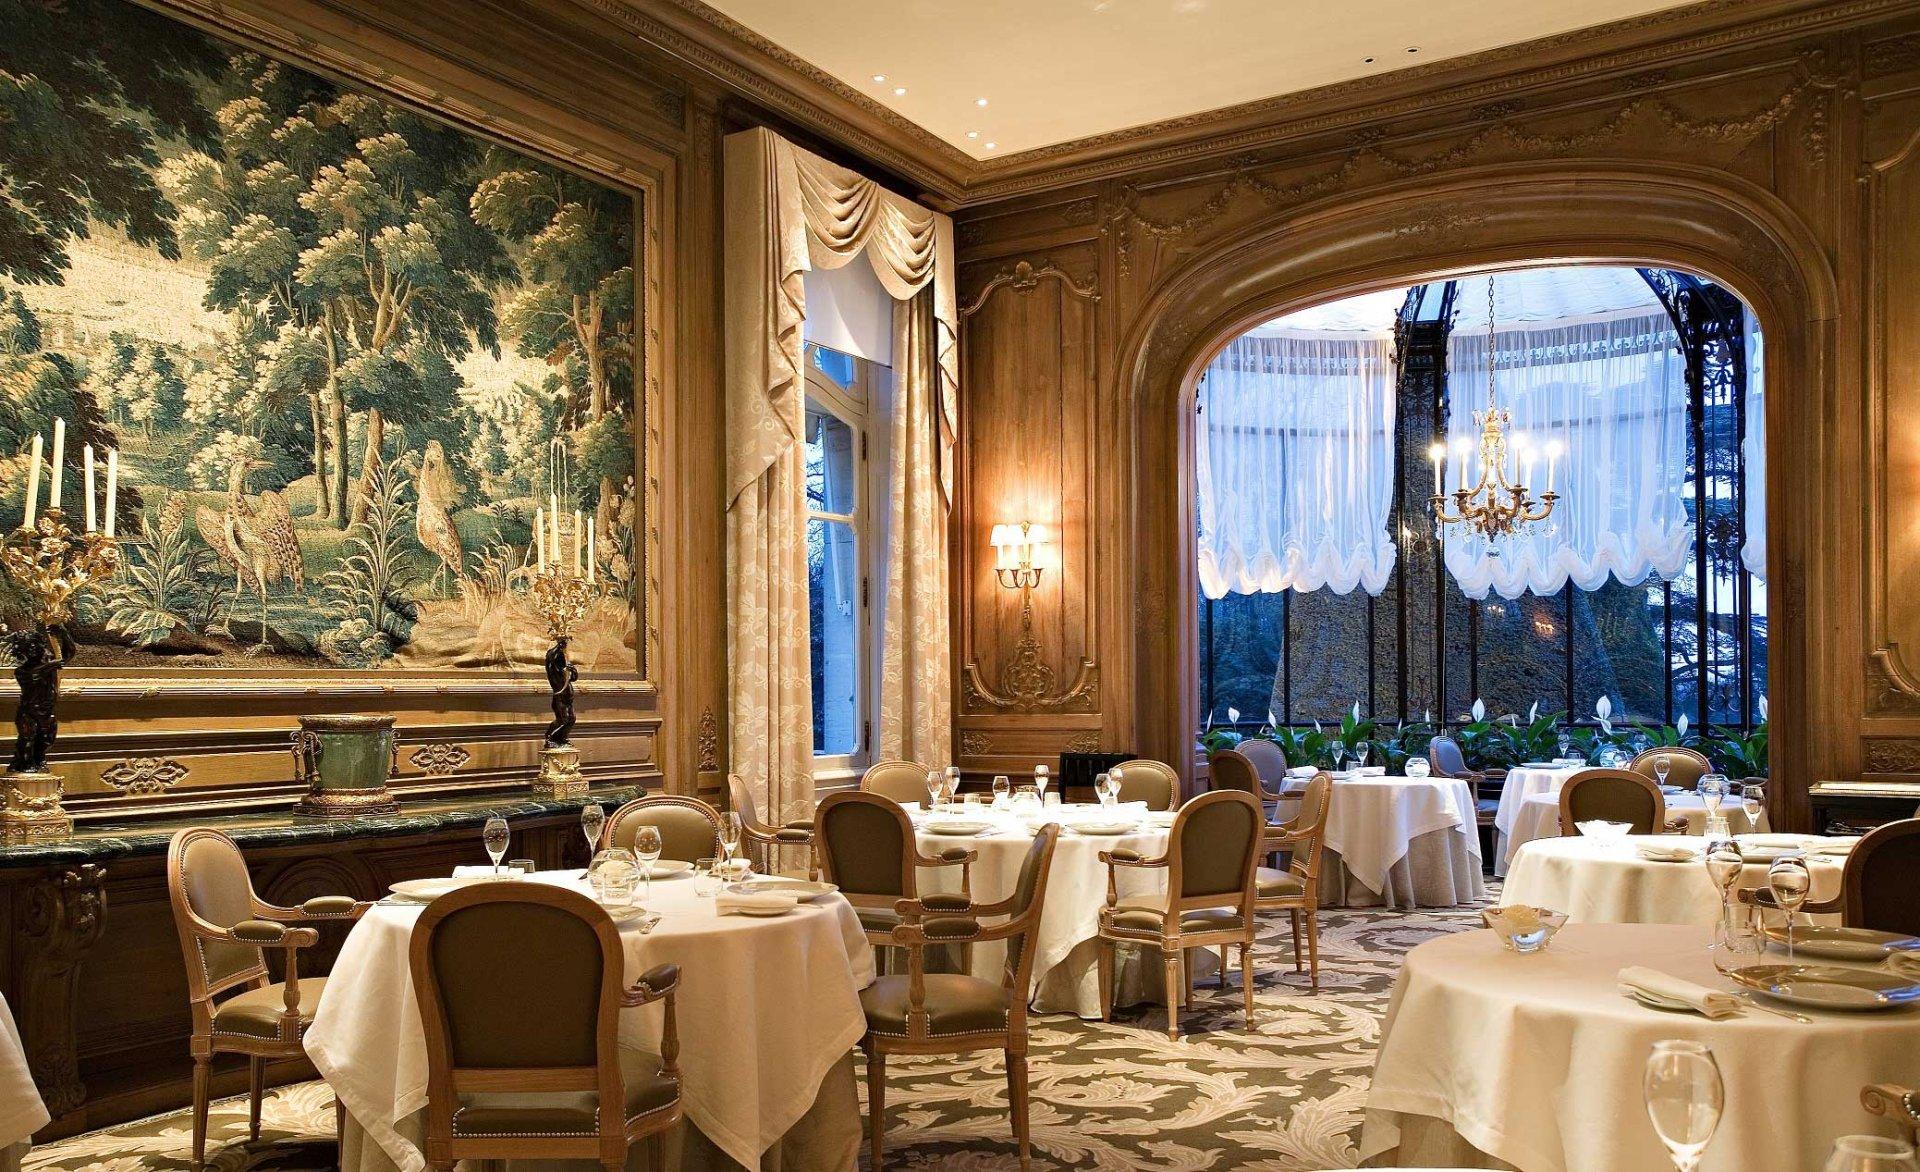 Les 10 meilleurs des restaurants à Reims pour les amateurs de vin 17